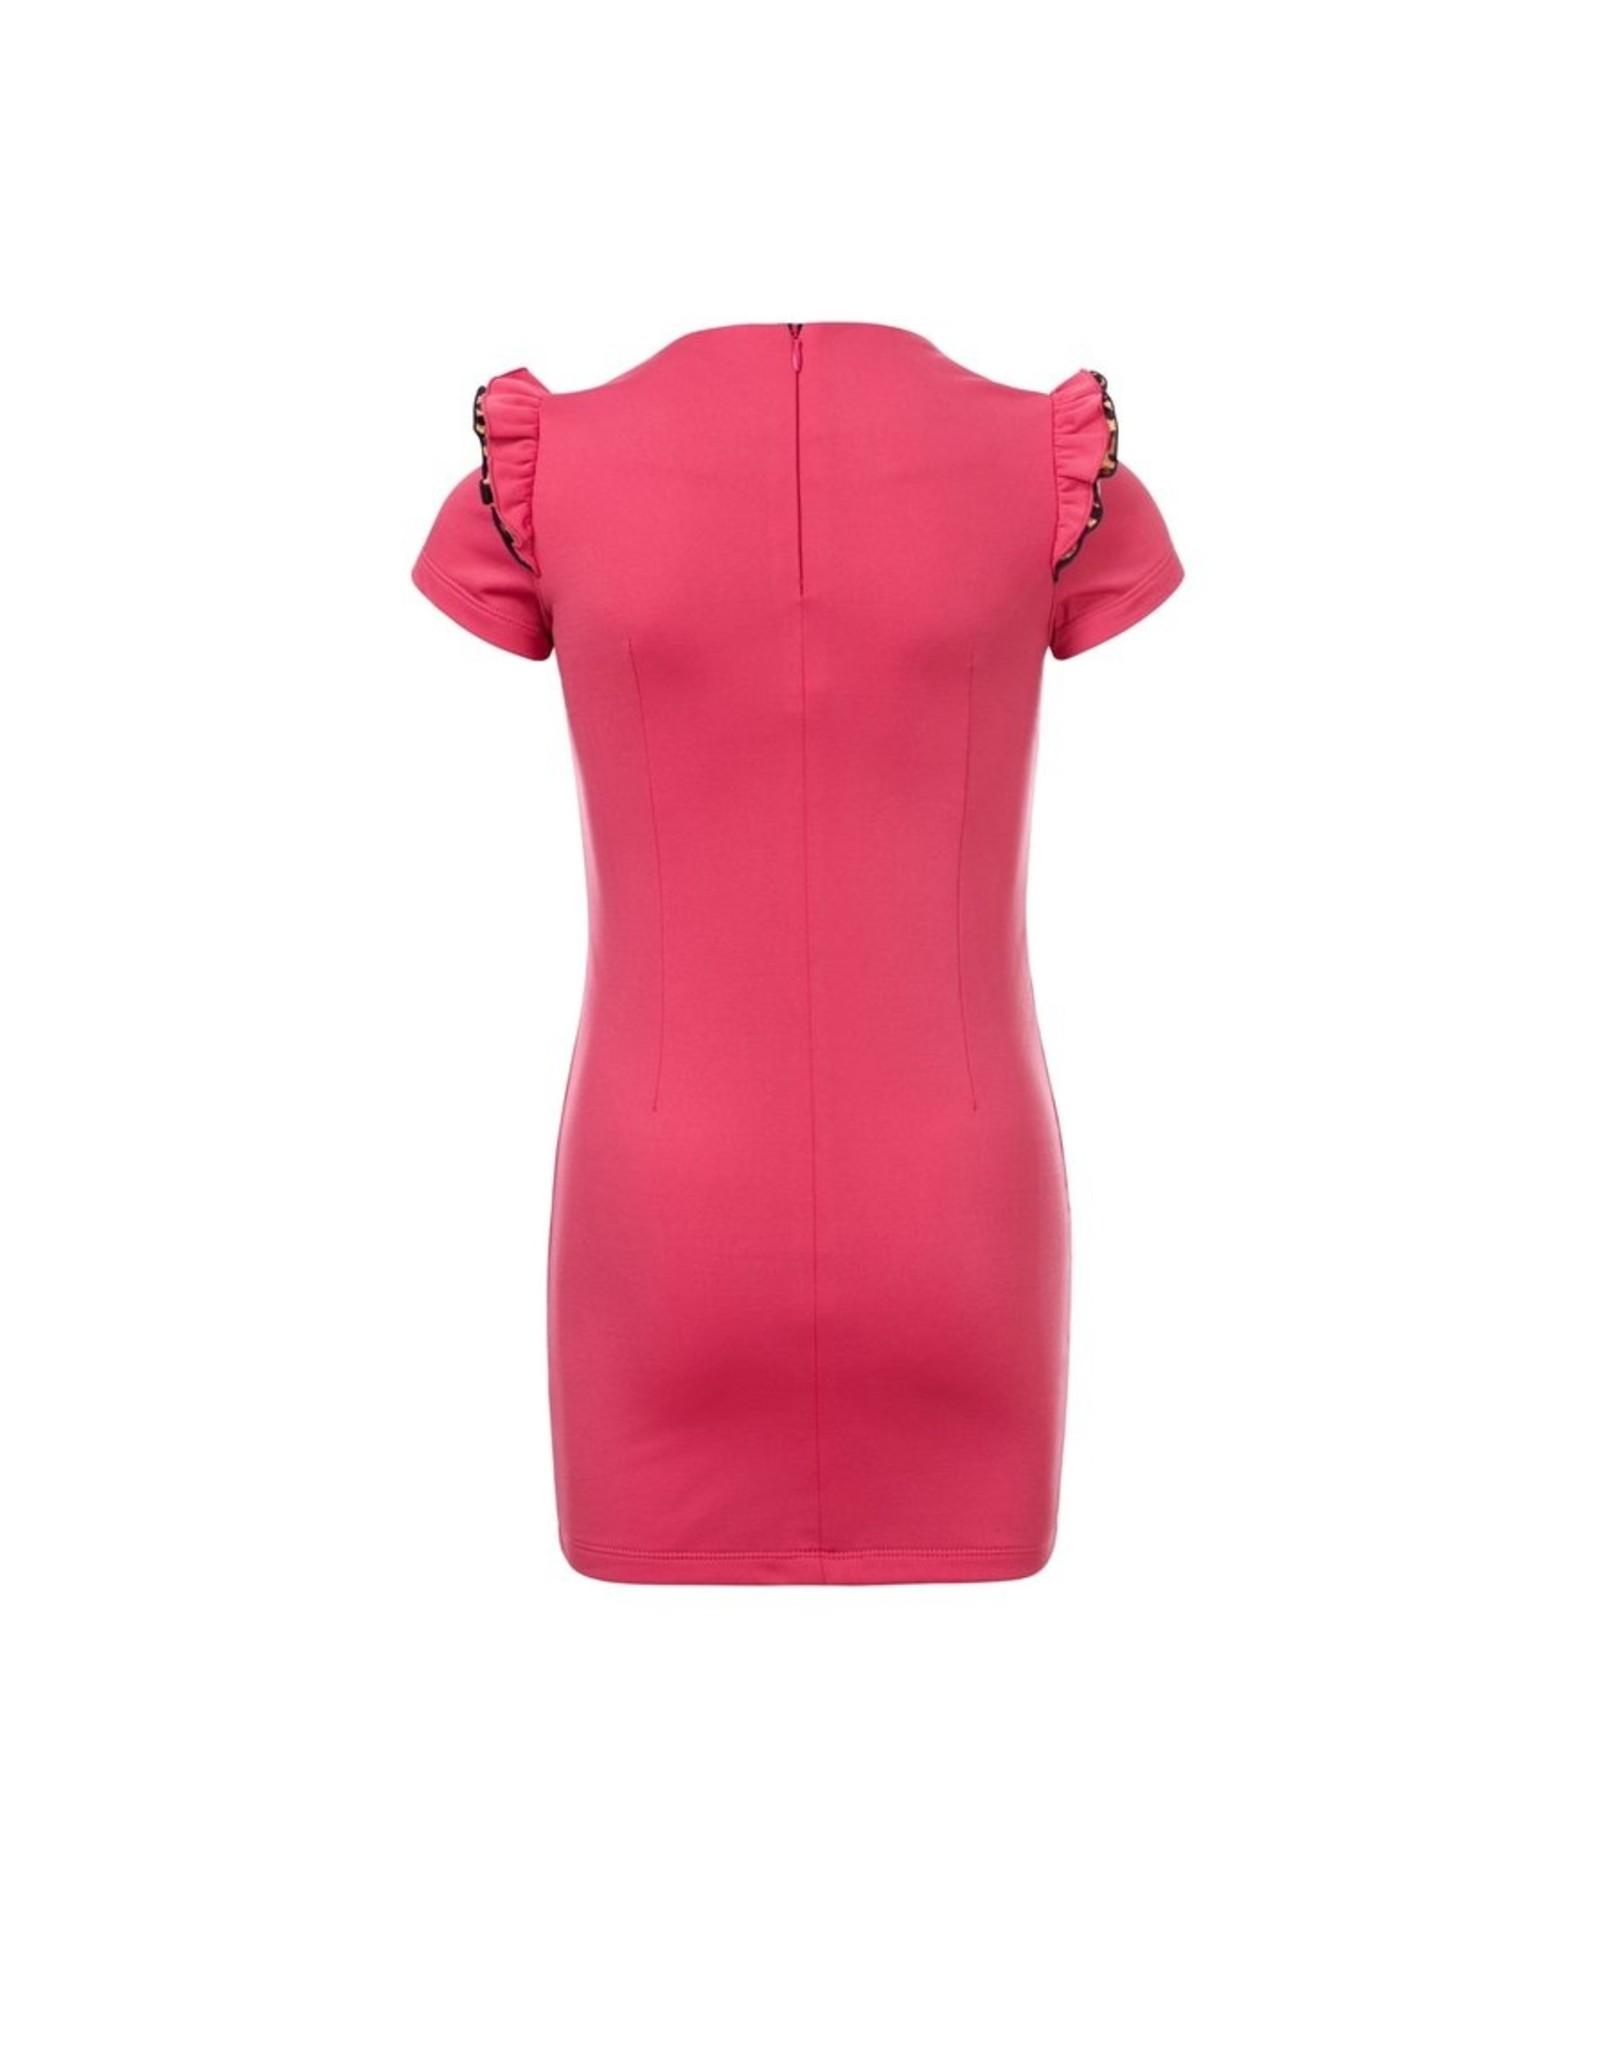 LOOXS Little Little sporty sweat dress, raspberry